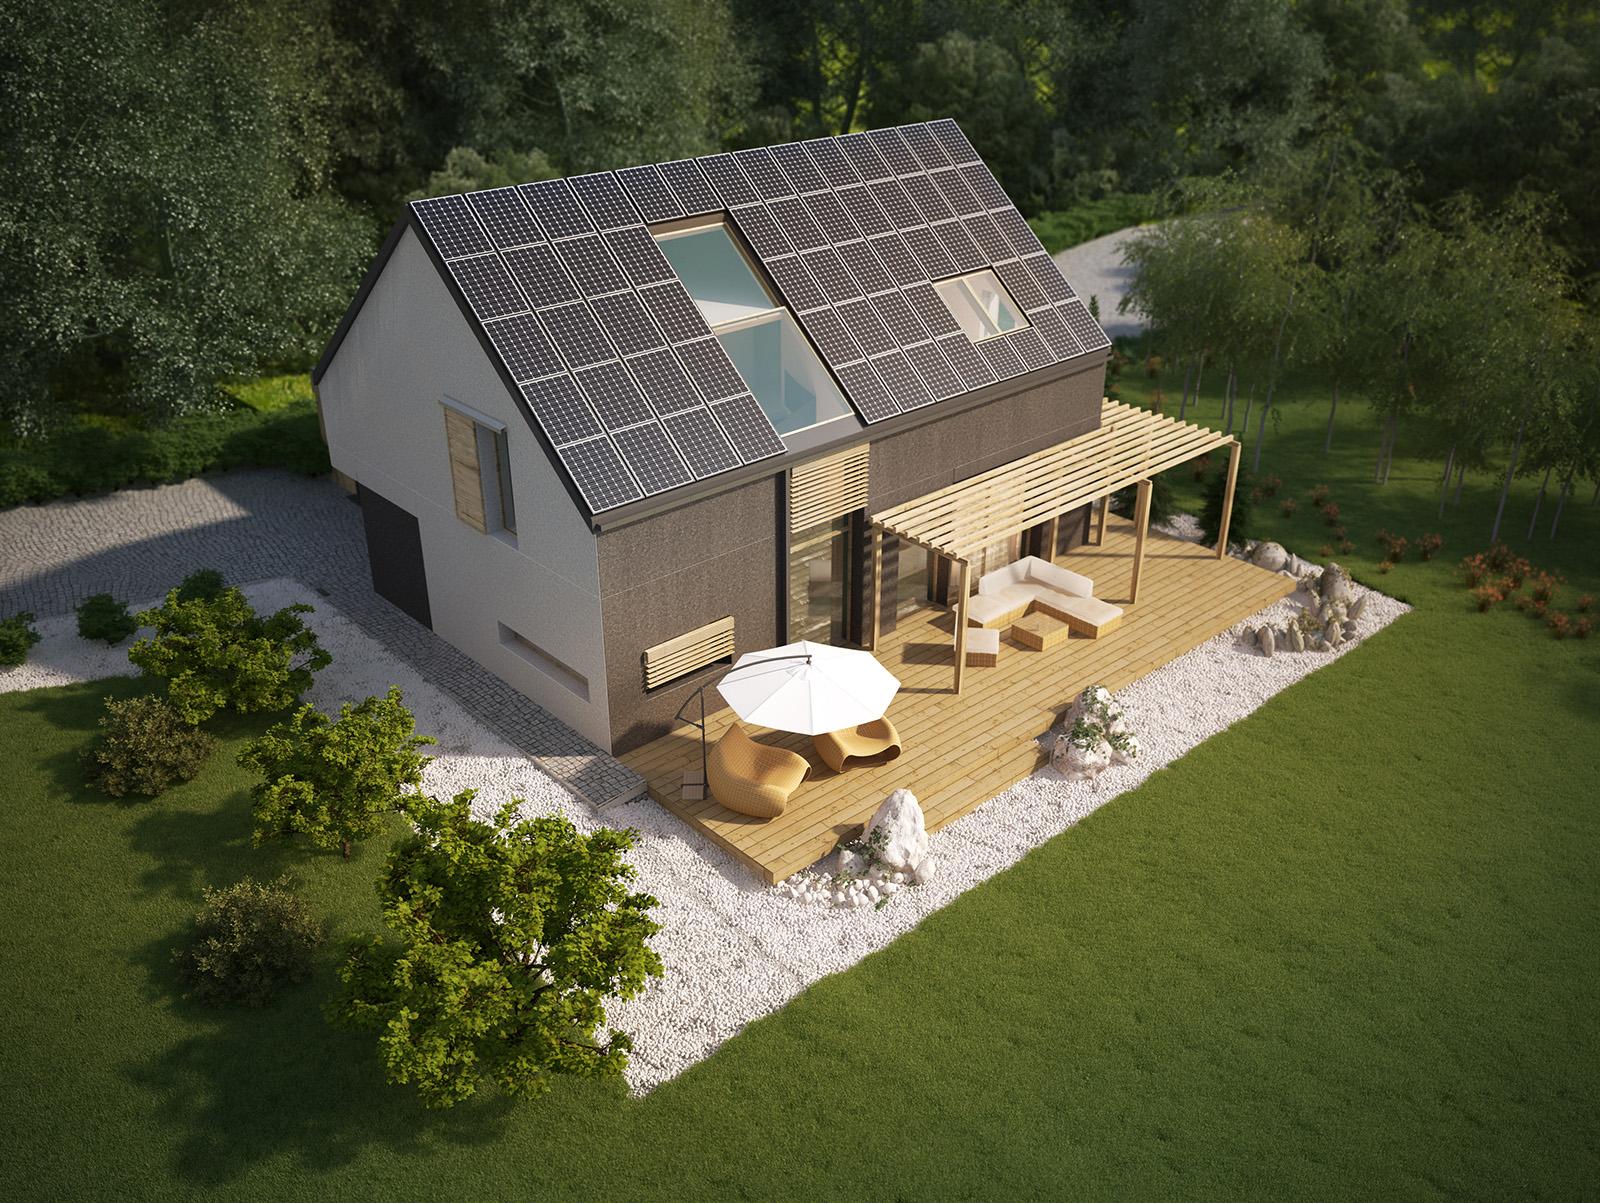 Projekt domu EX HOUSE Domy Czystej Energii widok od ogrodu i od frontu